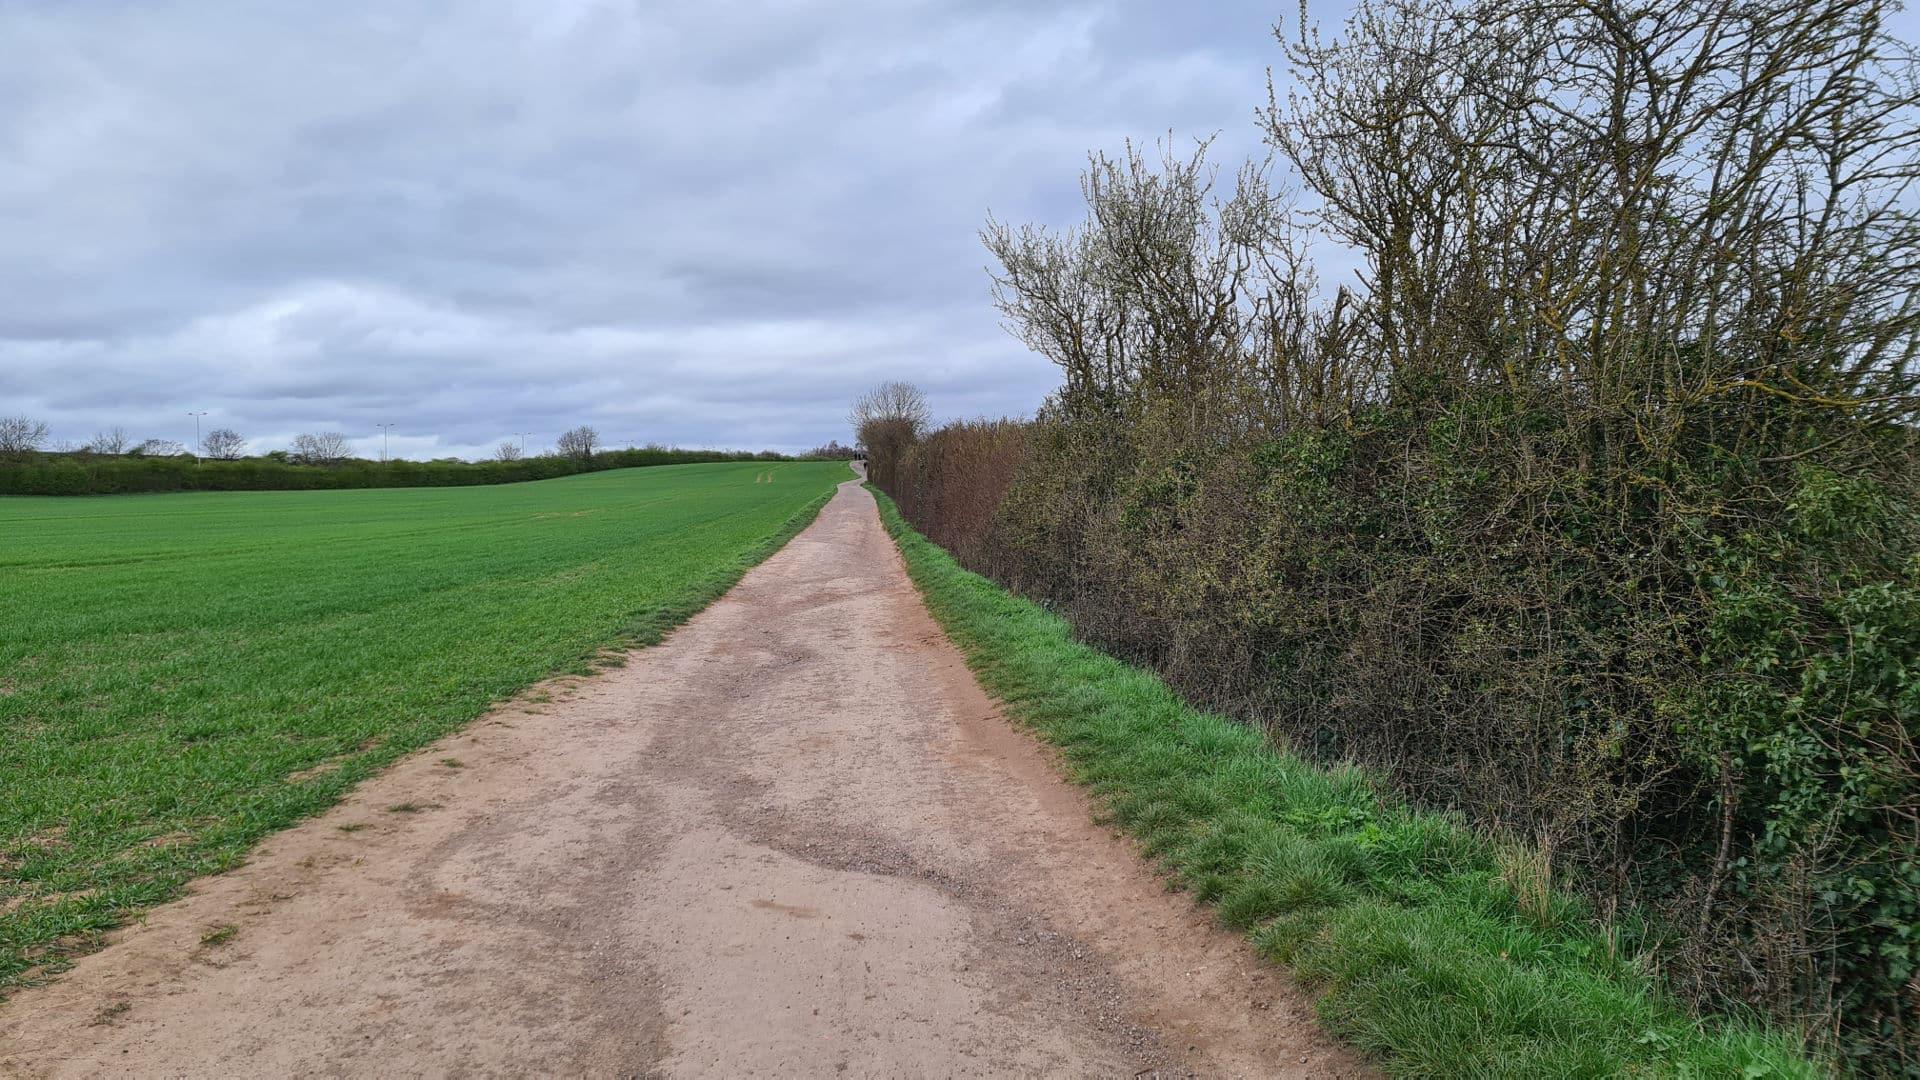 Baulk Lane